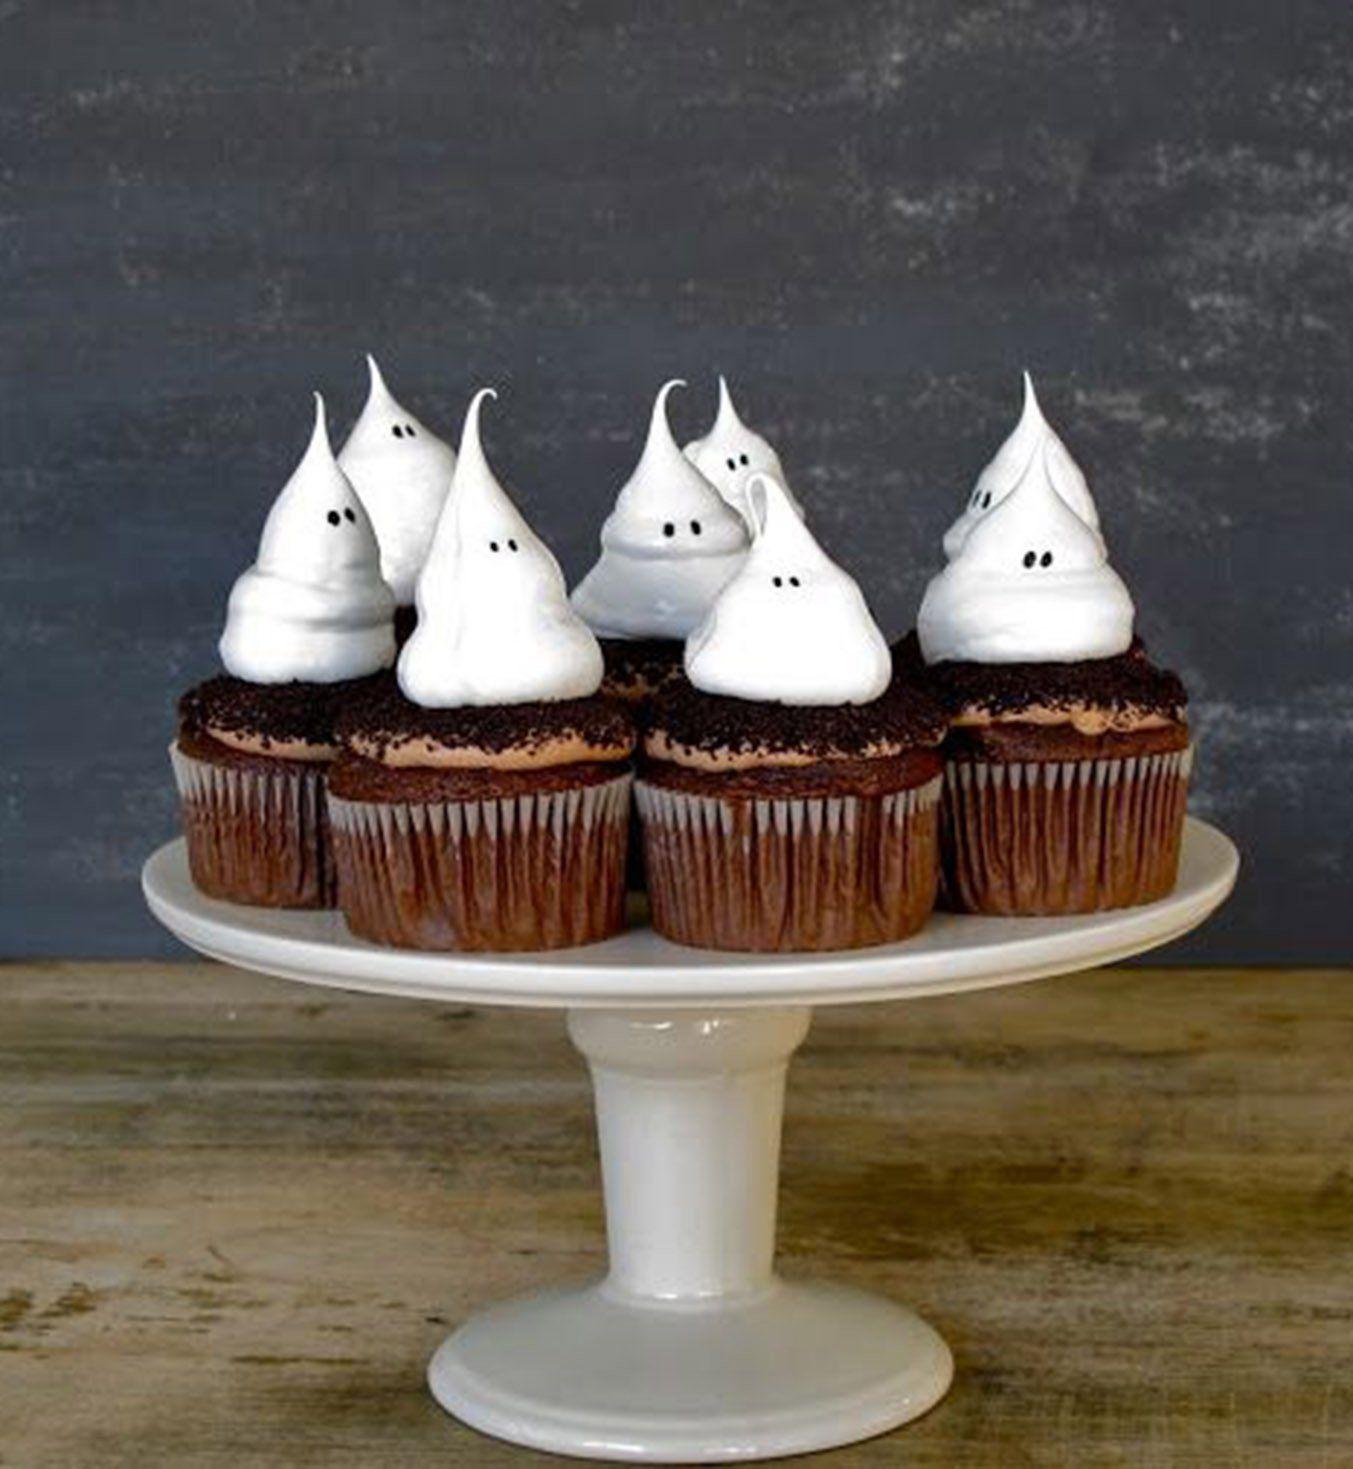 Les 30 plus beaux cakes d'Halloween | Gateau halloween, Dessert halloween et Halloween